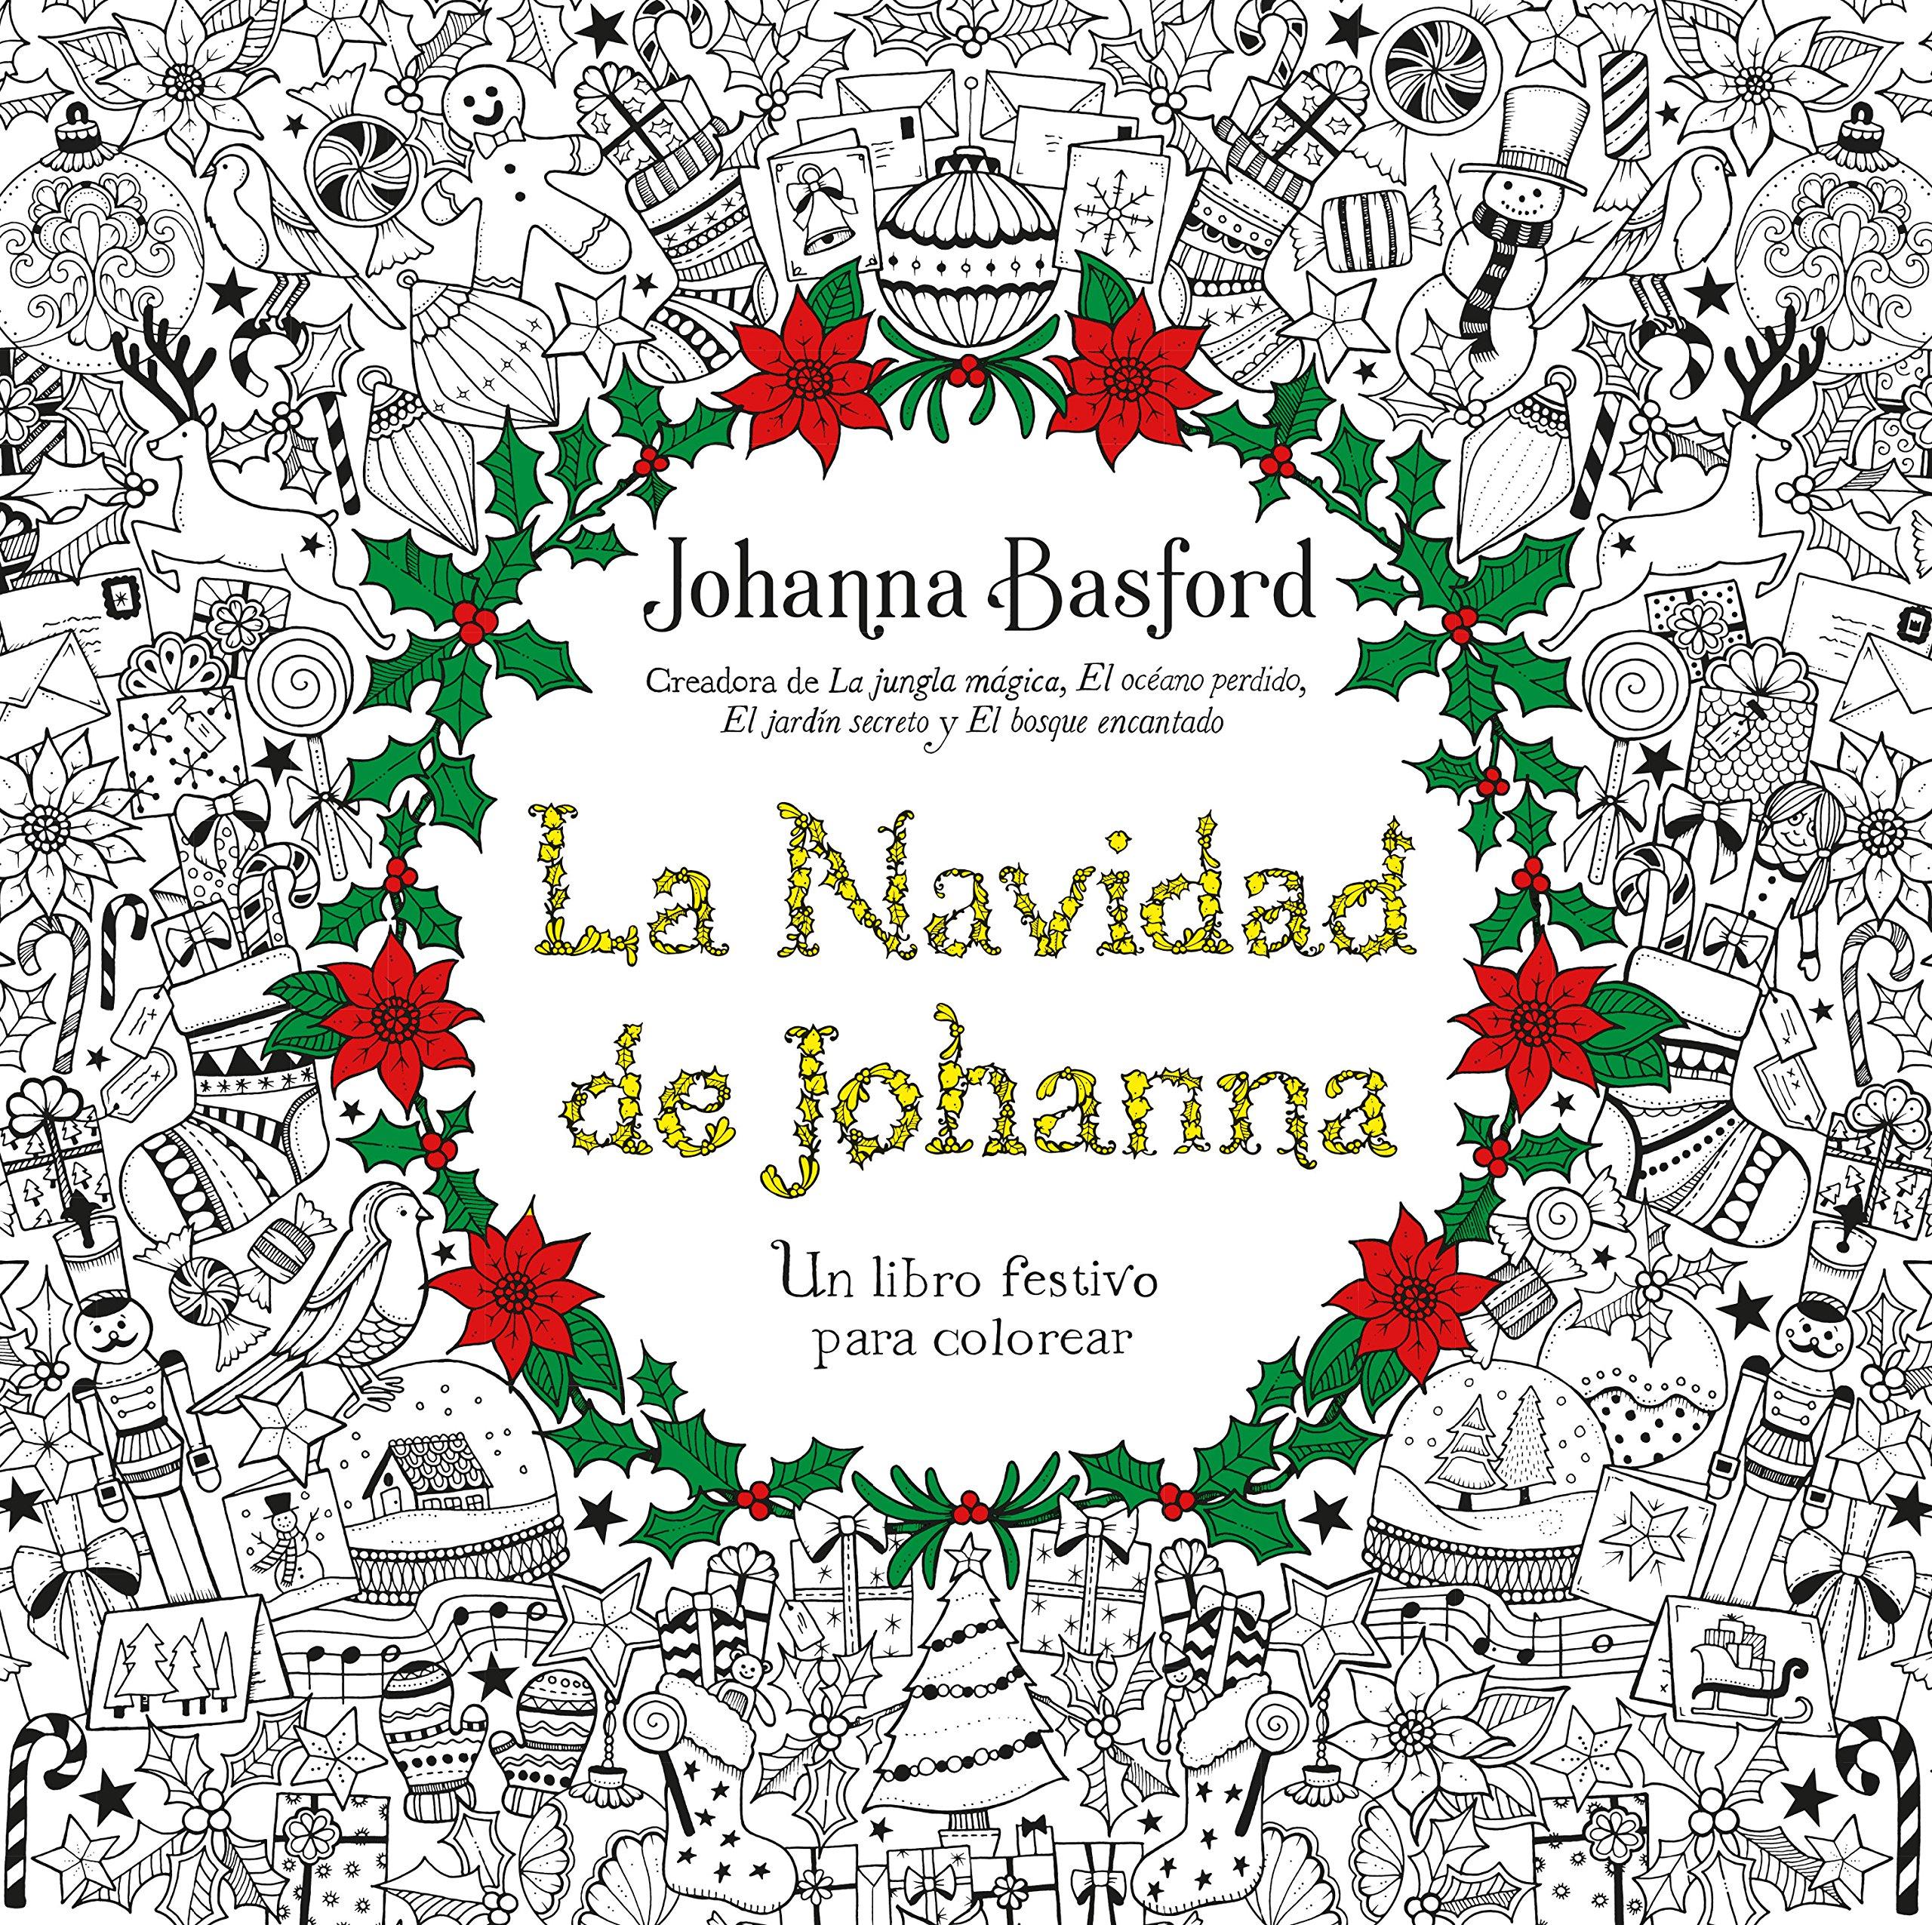 La Navidad De Johanna Un Libro Festivo Para Colorear Terapias Actividades Spanish Edition Basford Johanna 9788415612780 Books